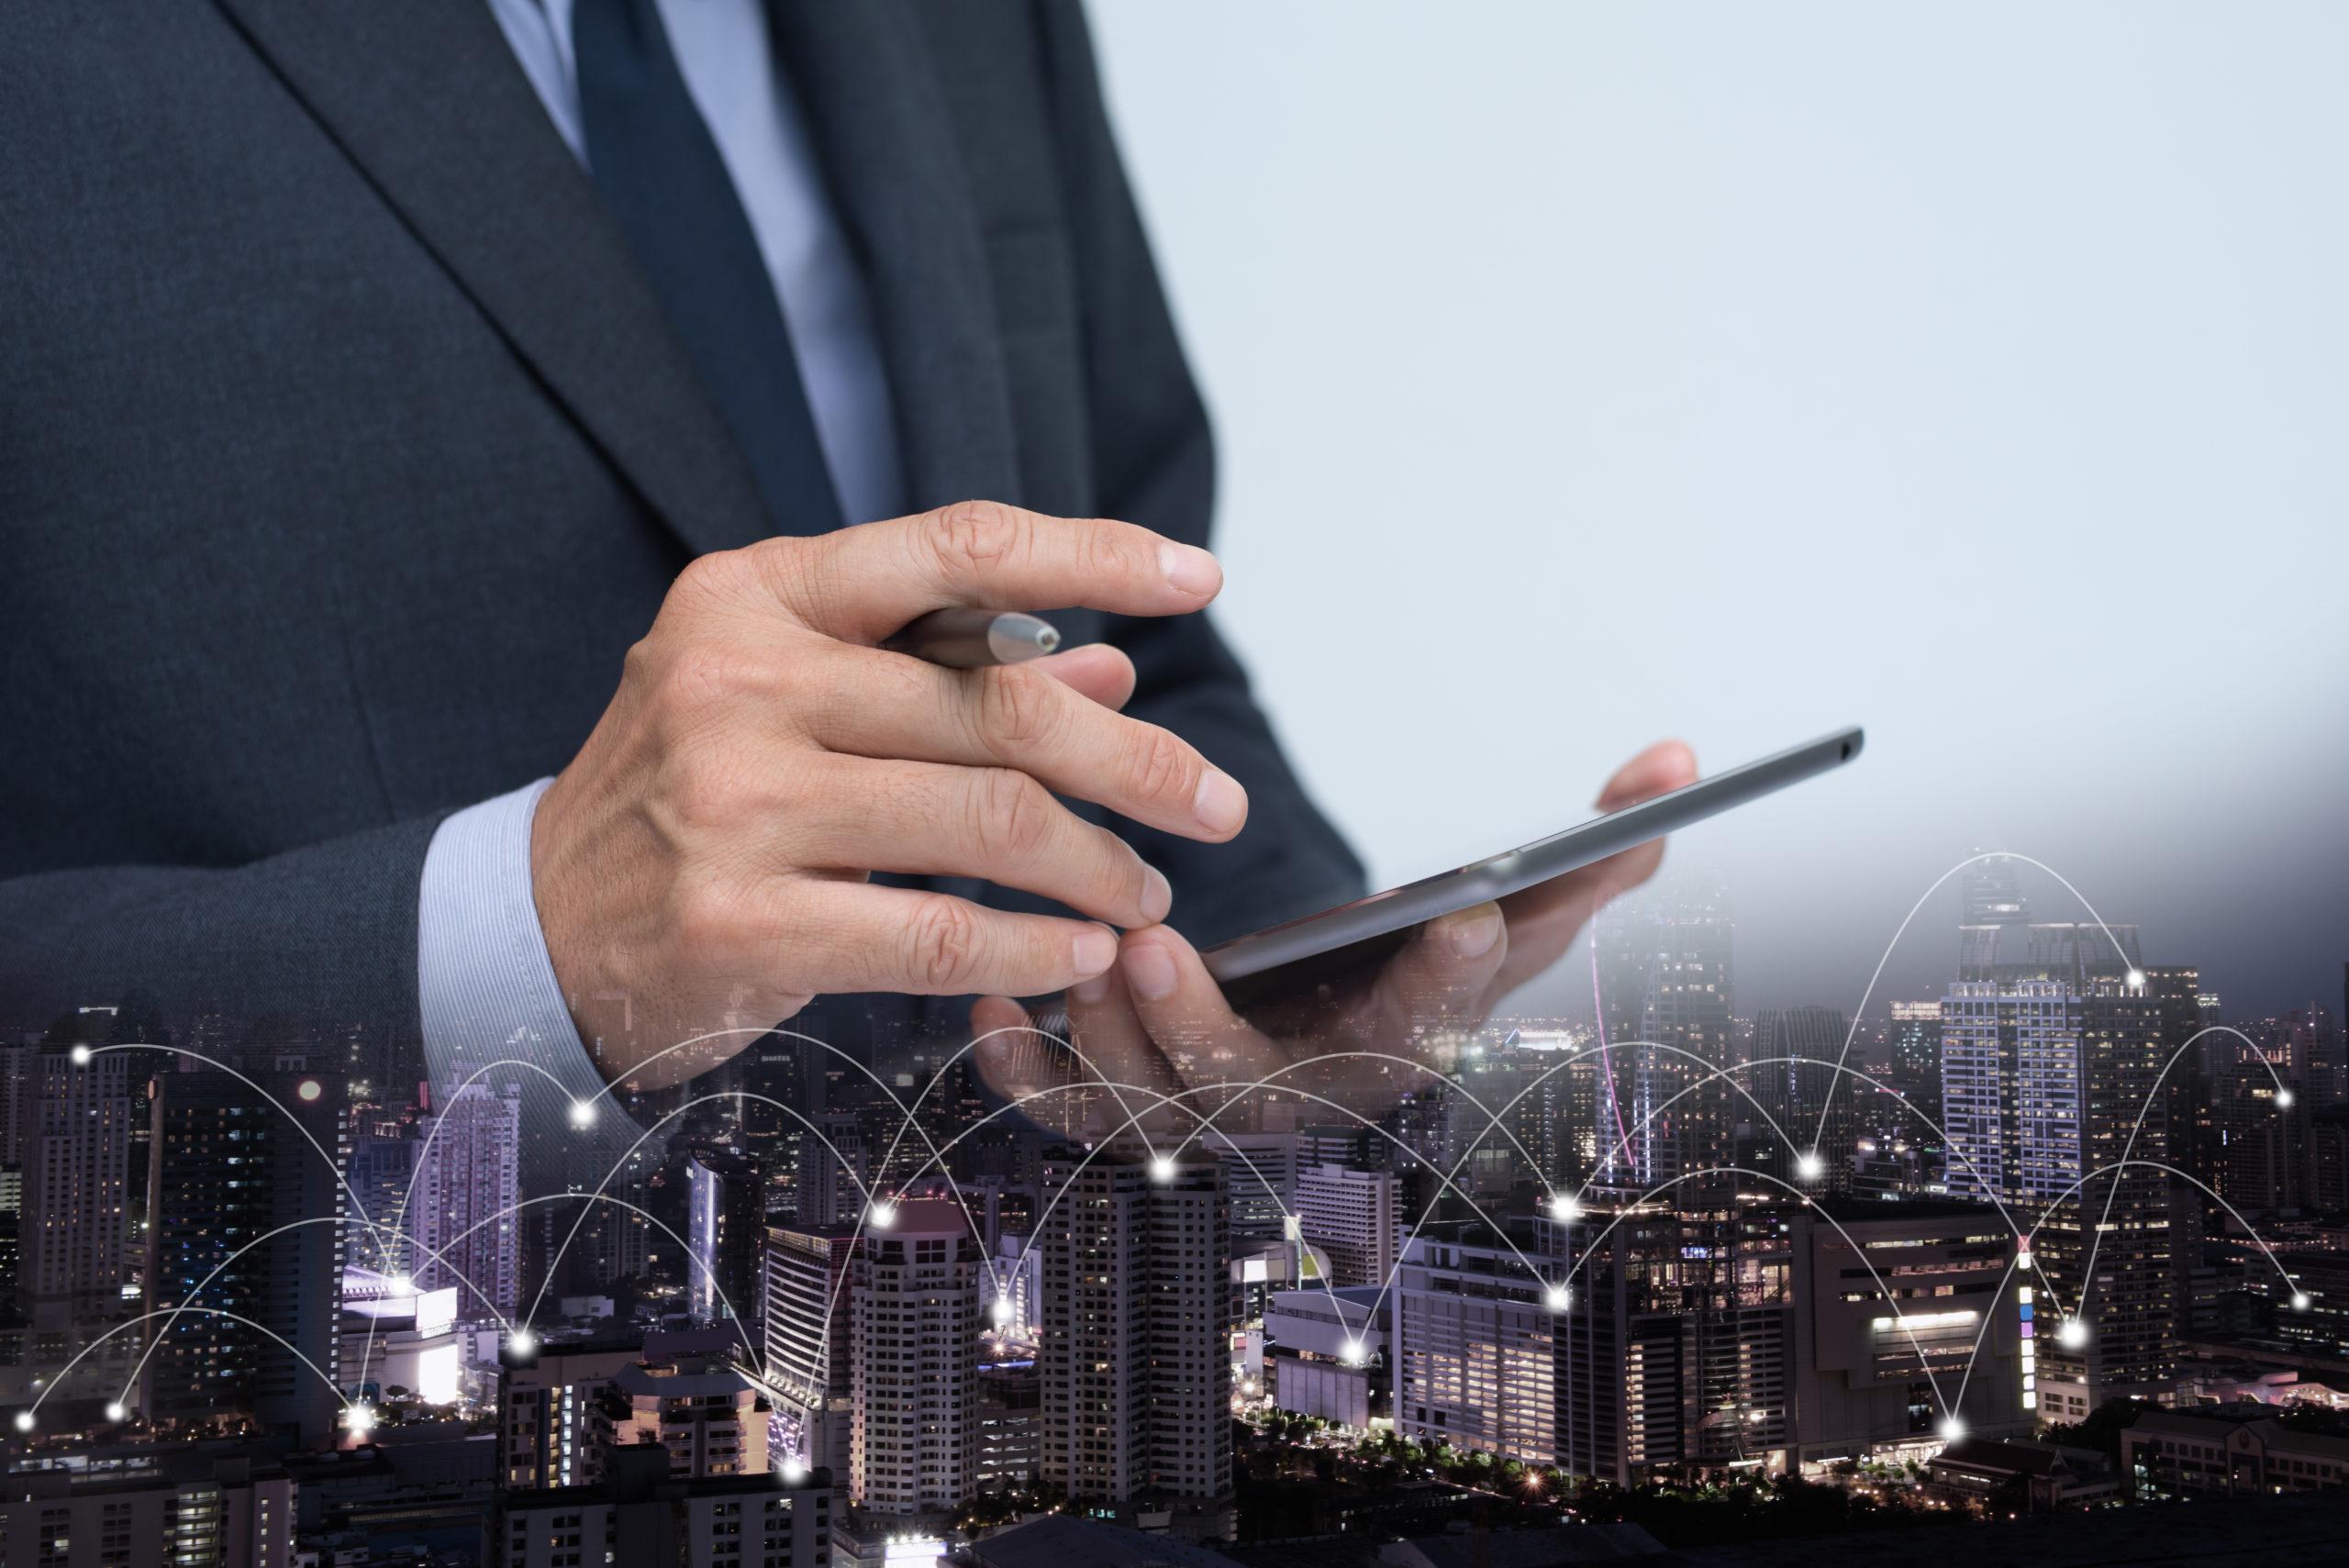 Digitale Messtechnik - Wenn Gebäude mit uns sprechen